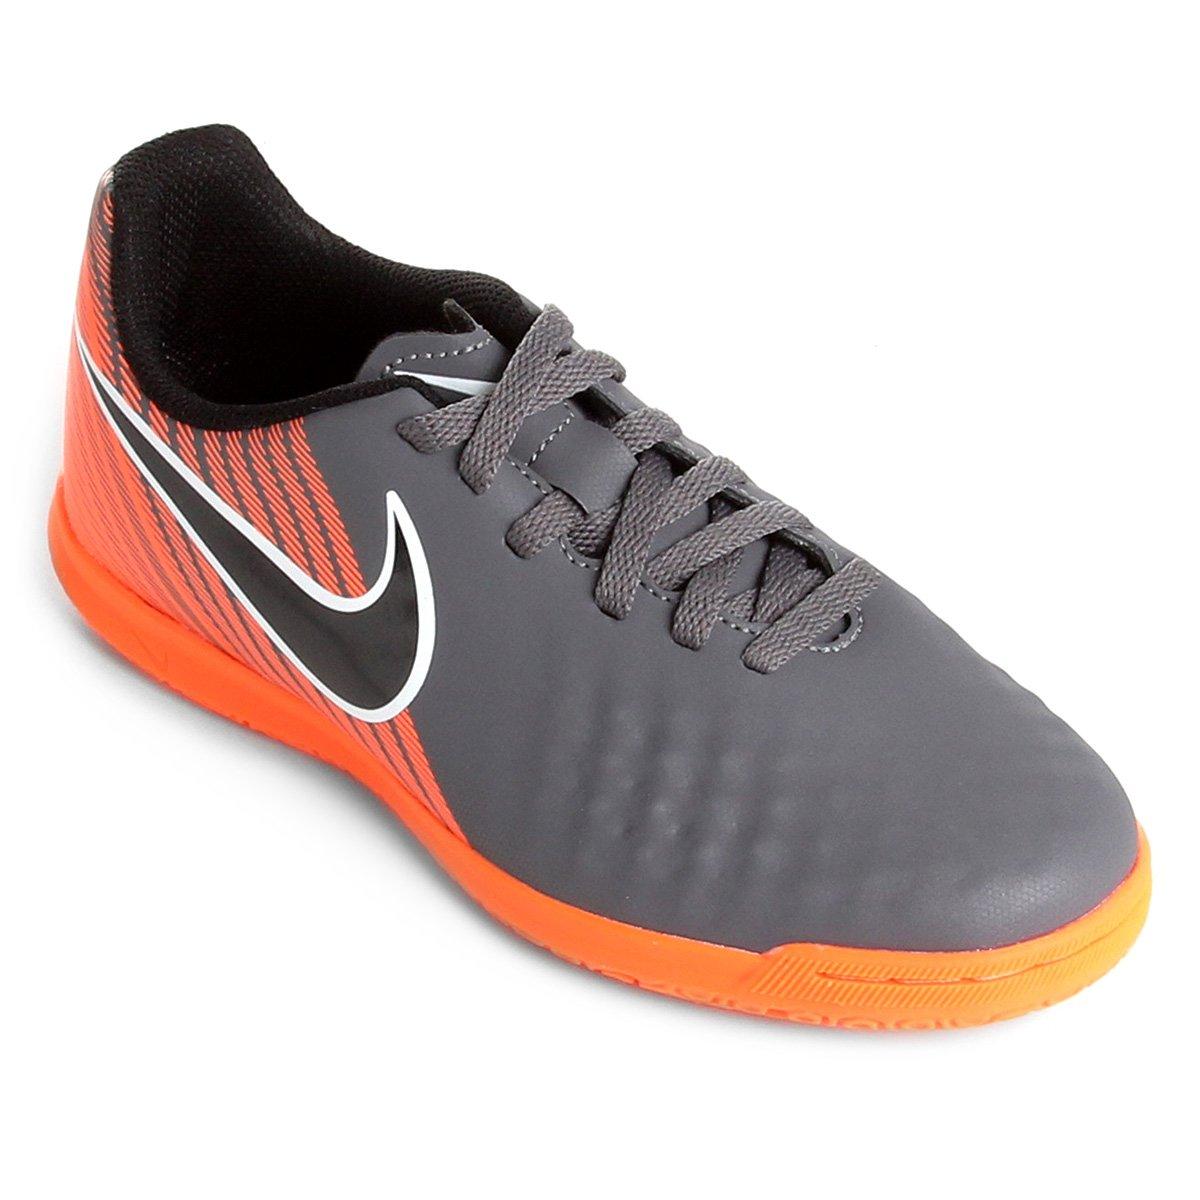 77dc5cb0fdf9a Chuteira Futsal Nike Magista Obra 2 Club Infantil - Compre Agora ...